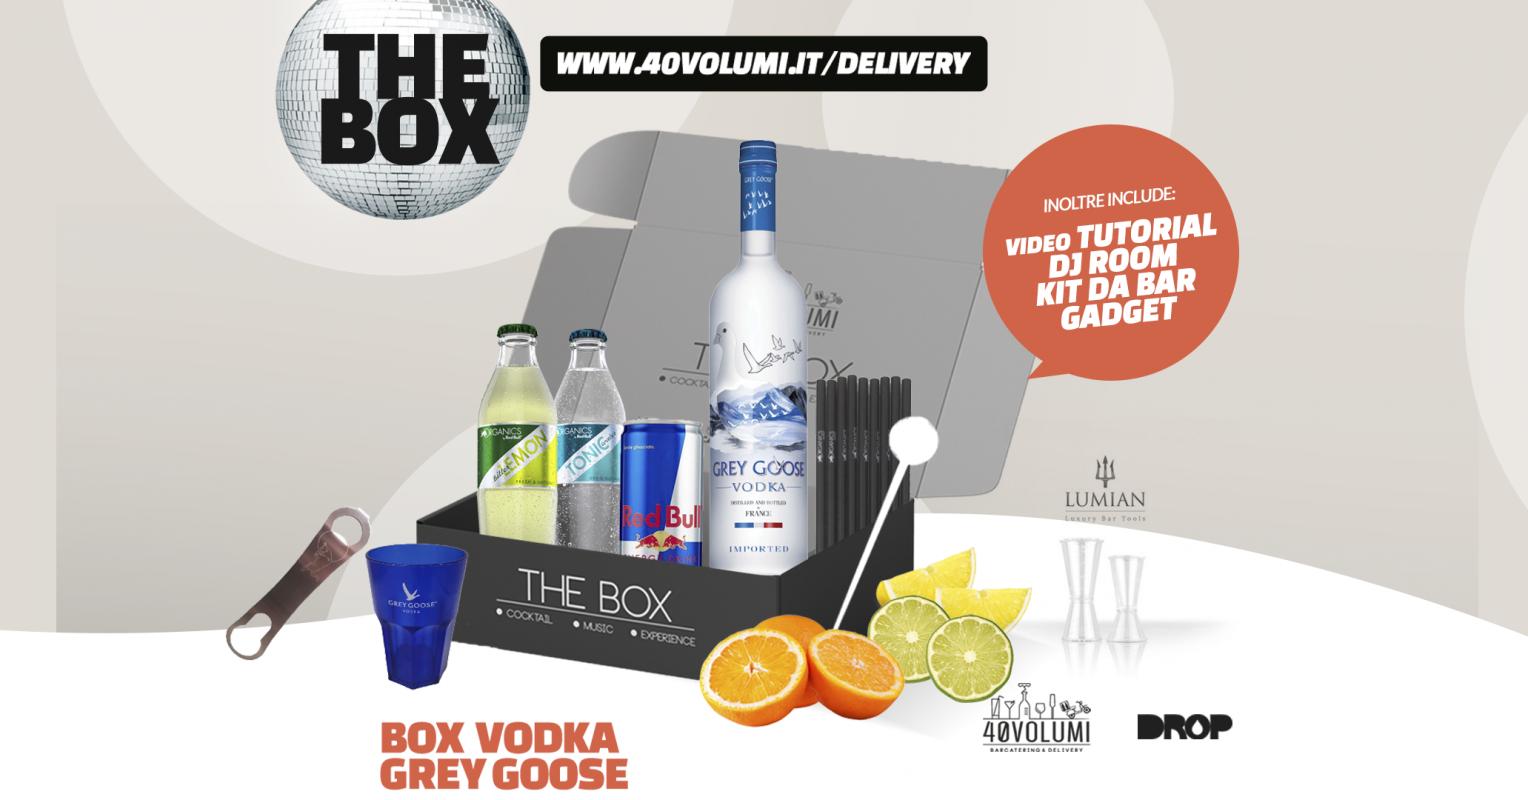 box vodka grey goose per 40 volumi